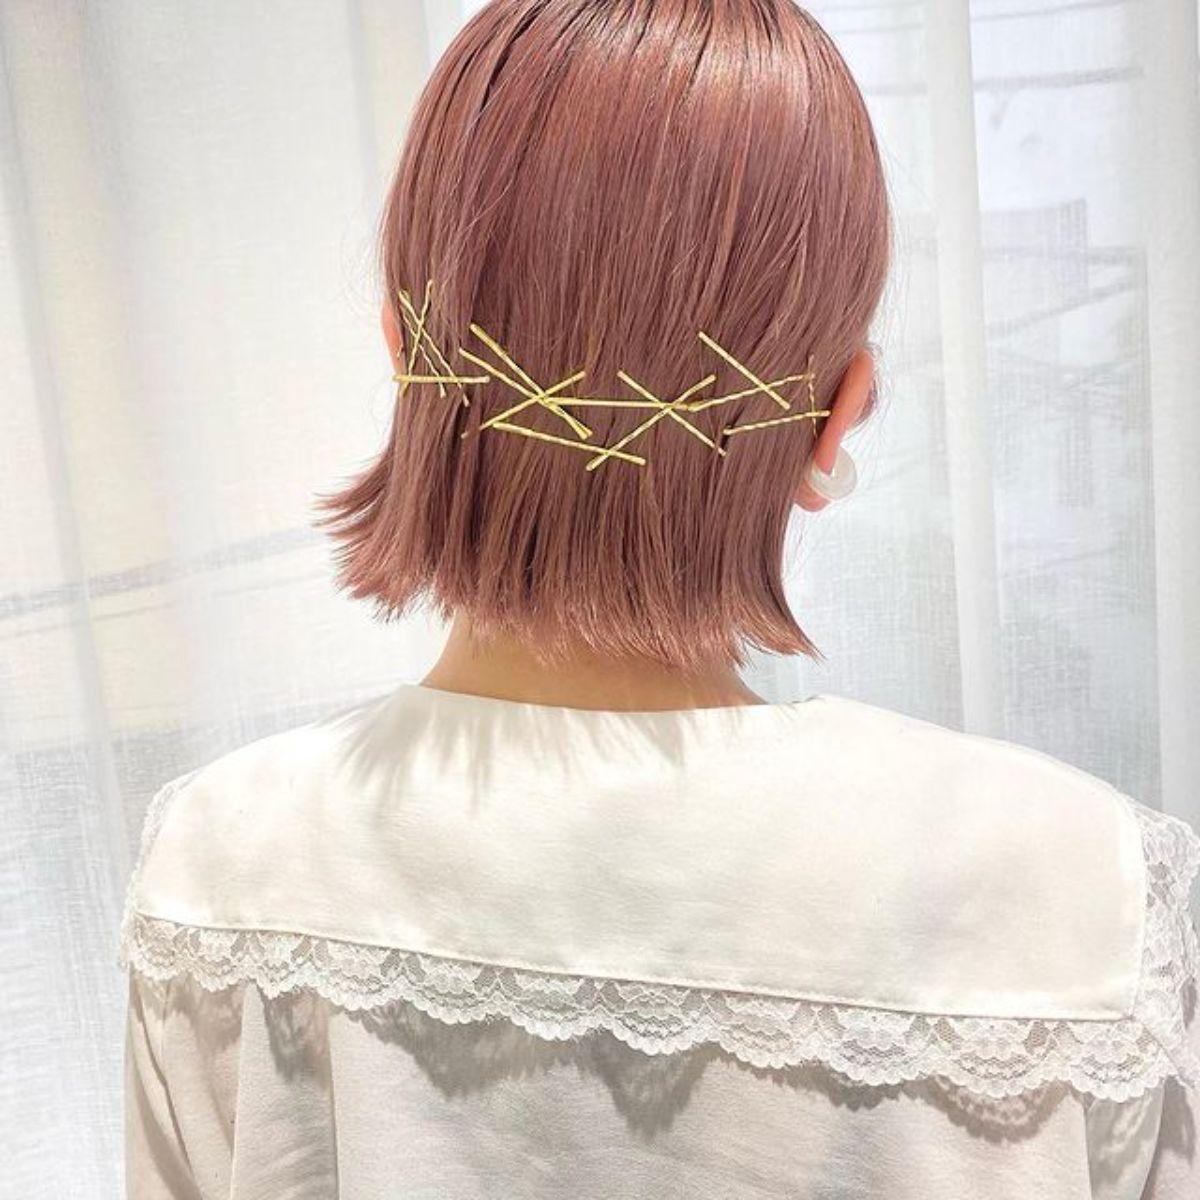 ピンだけでこんなにかわいいなんて!「ゴールドピン」で垢抜けヘアアレンジが簡単にできちゃうって知ってた?